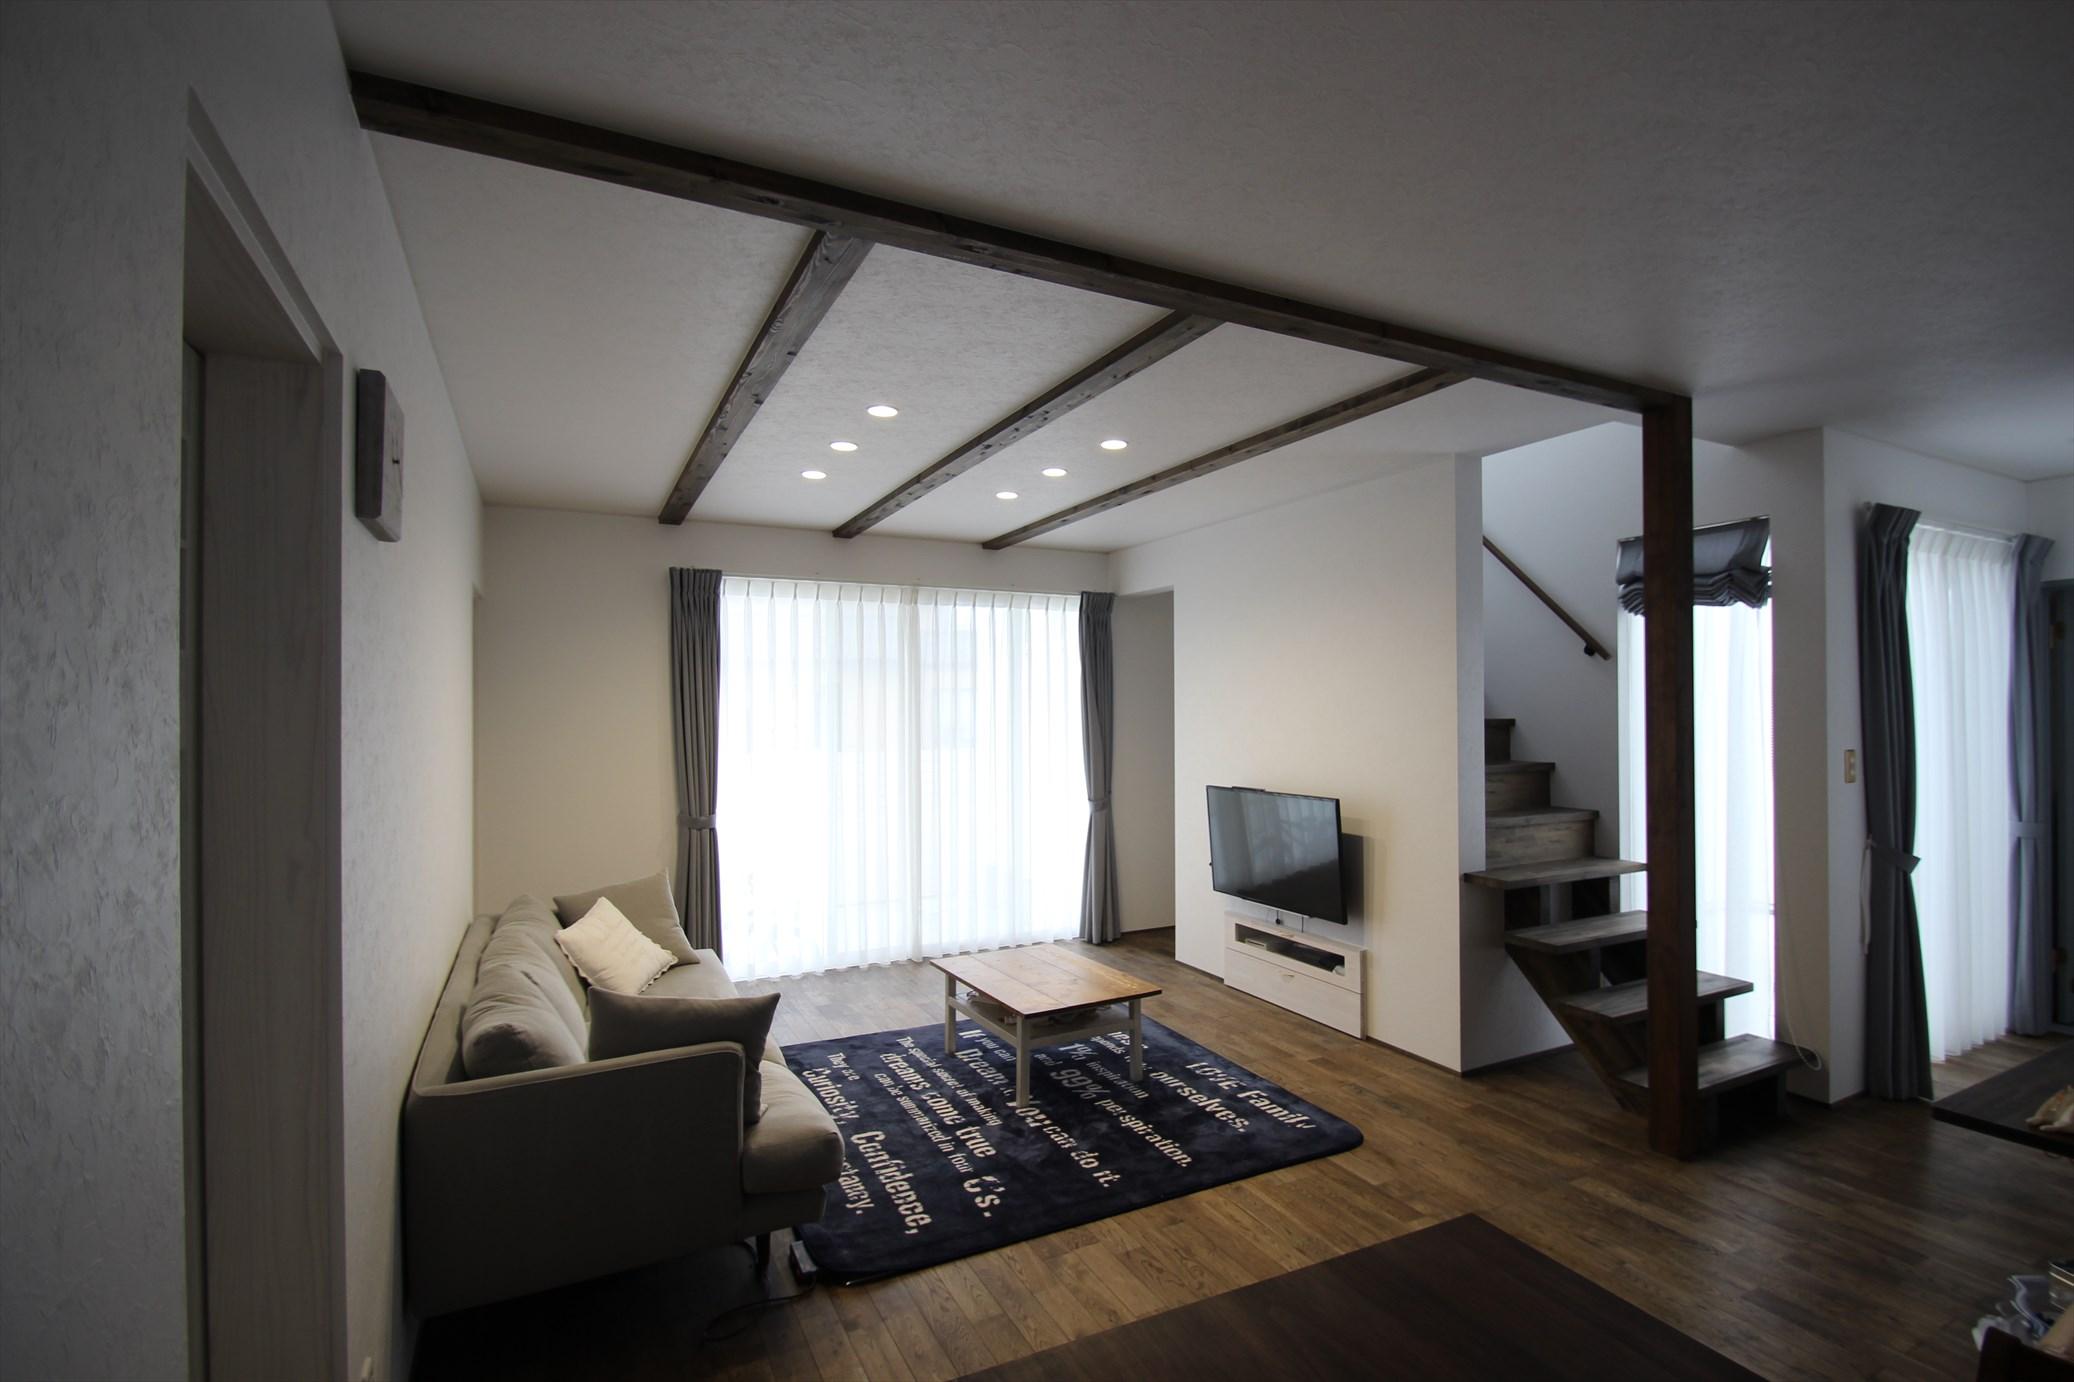 シックな味付けにこだわった大人なフレンチスタイル|石川県金沢市の注文住宅・デザイン性・新築の家・戸建て|E-HOUSE